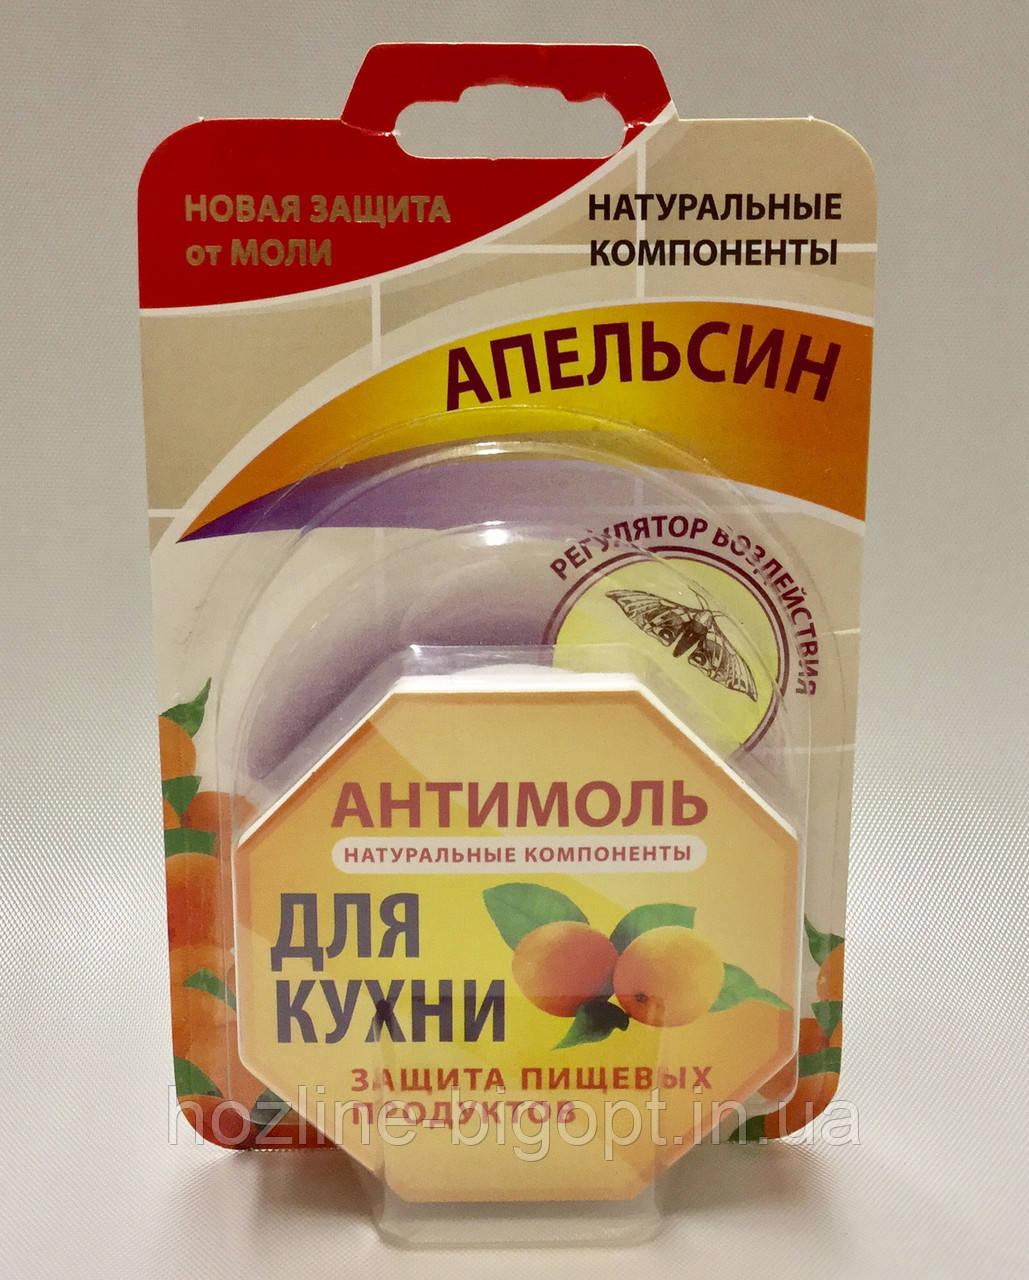 АНТИМОЛЬ Секция от моли для кухни Апельсин